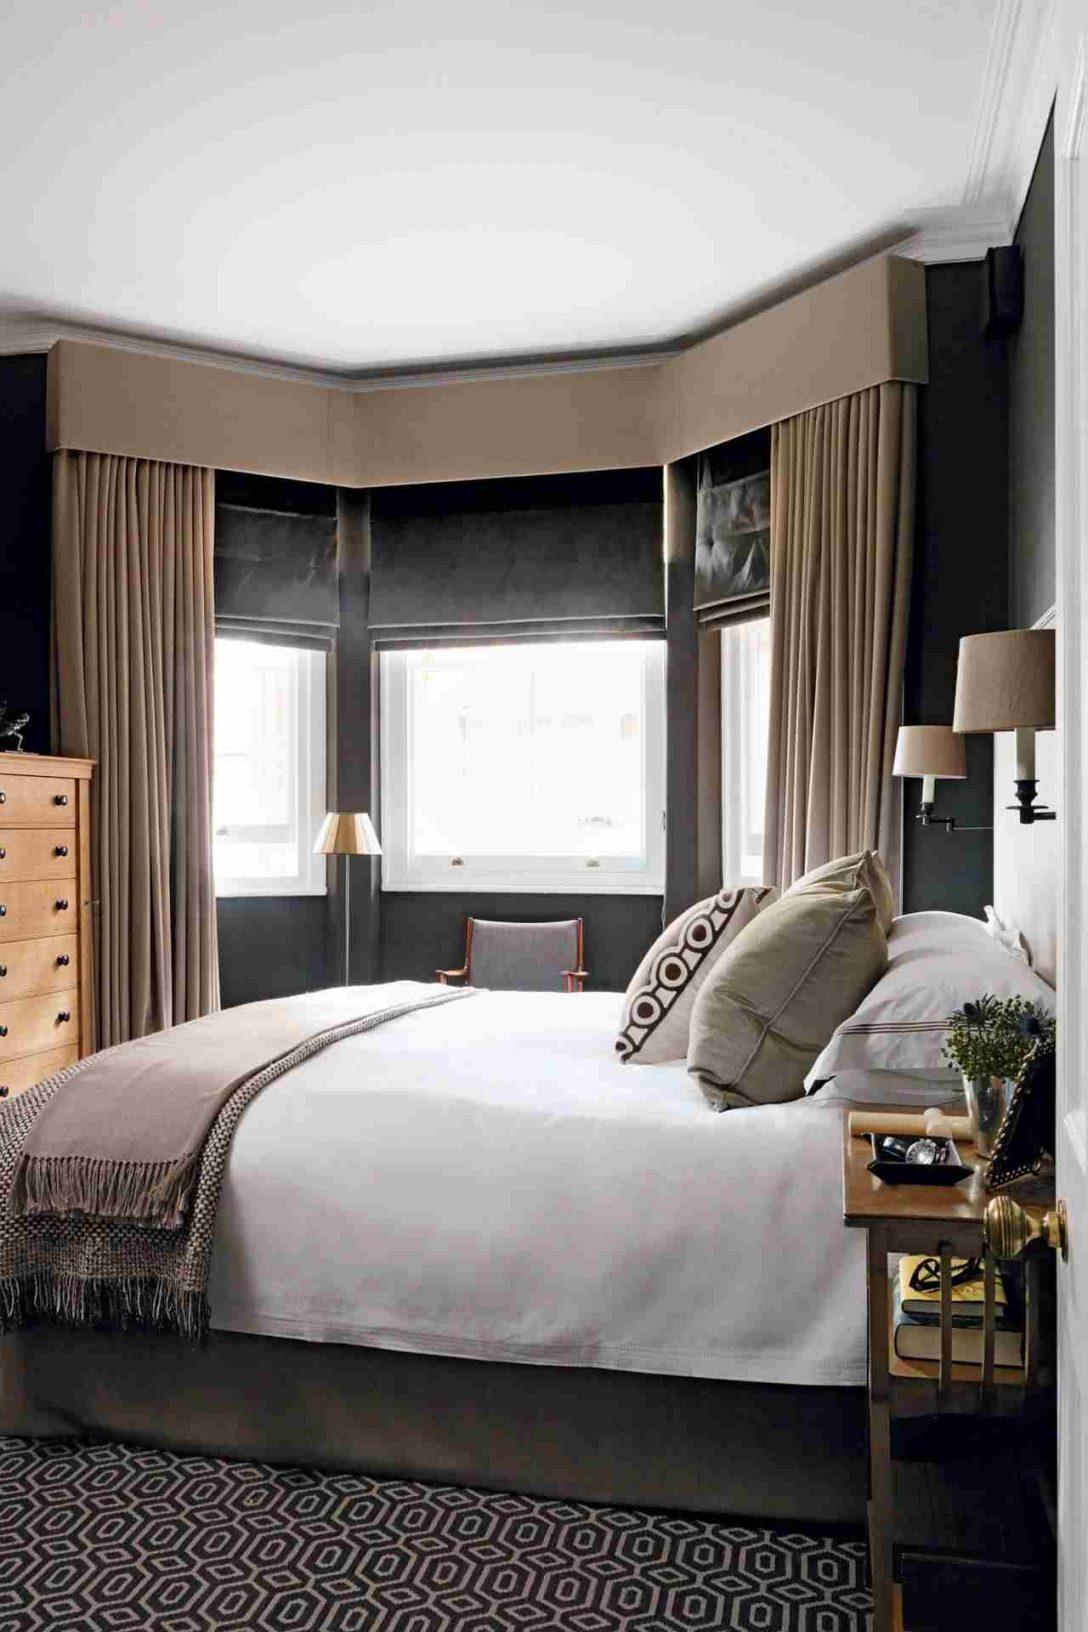 Large Size of Schlafzimmer Gestalten Wie Am Besten Einen Erker 50 Praktische Und Stilvolle Gardinen Teppich Mit überbau Günstige Komplett Lampe Deckenleuchte Modern Nolte Wohnzimmer Schlafzimmer Gestalten